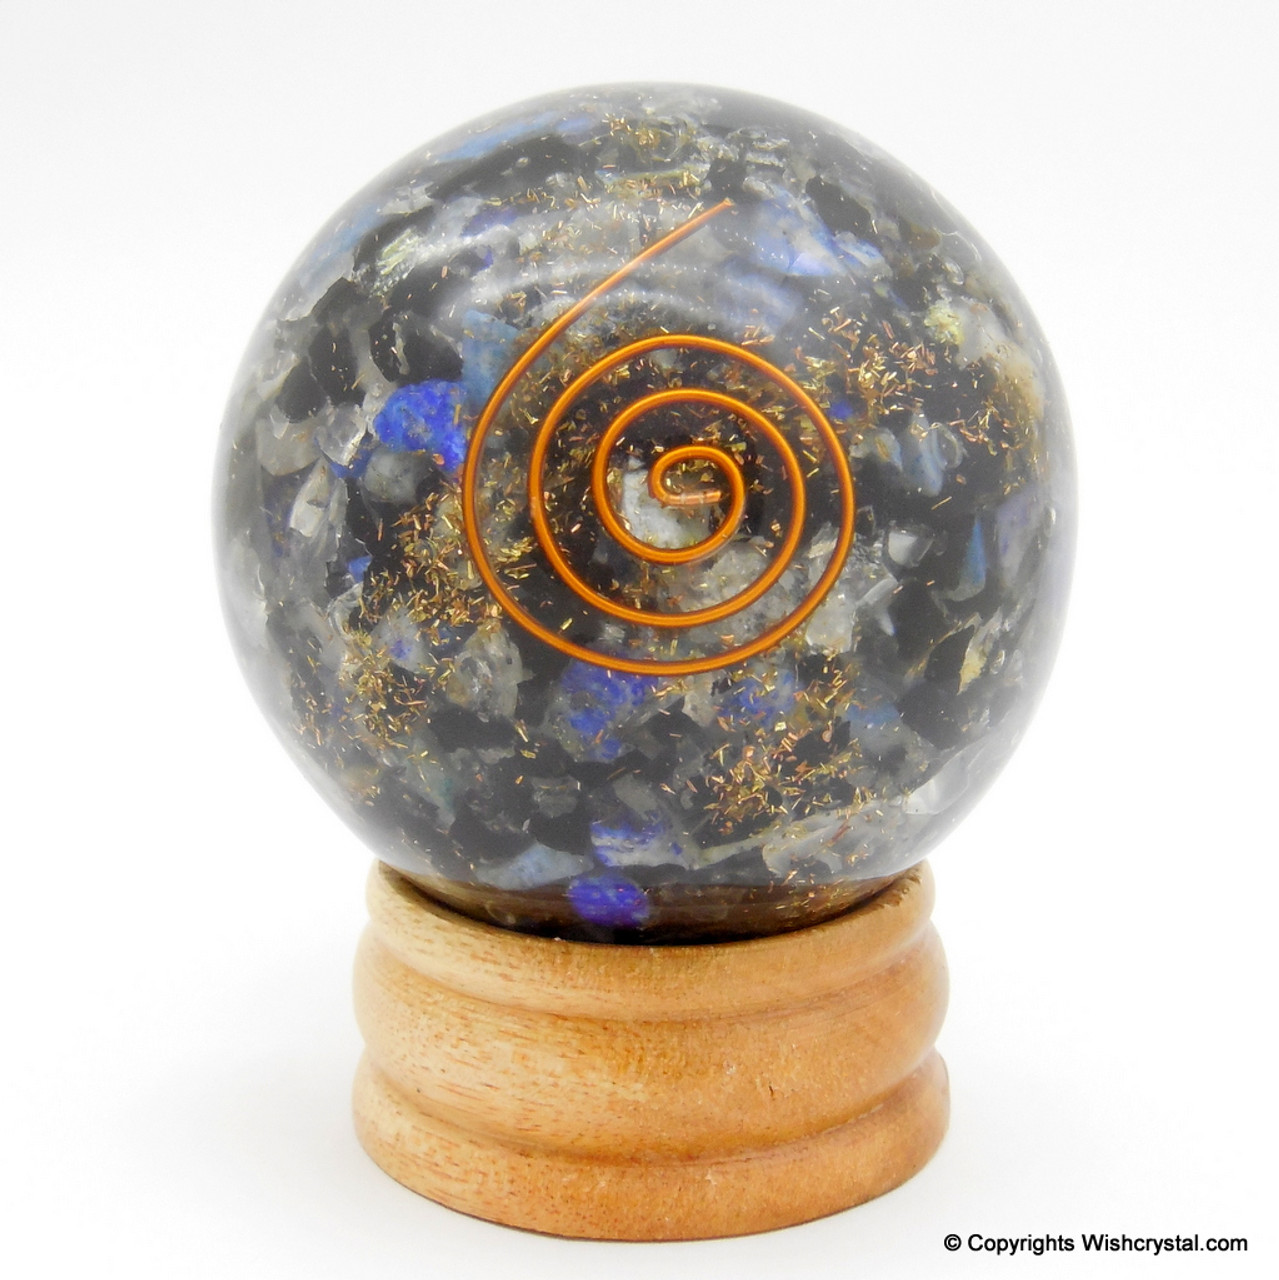 Black Tourmaline, Crystal & Lapis Lazuli Orgonite Sphere EMF Protection  Healing - 60 mm